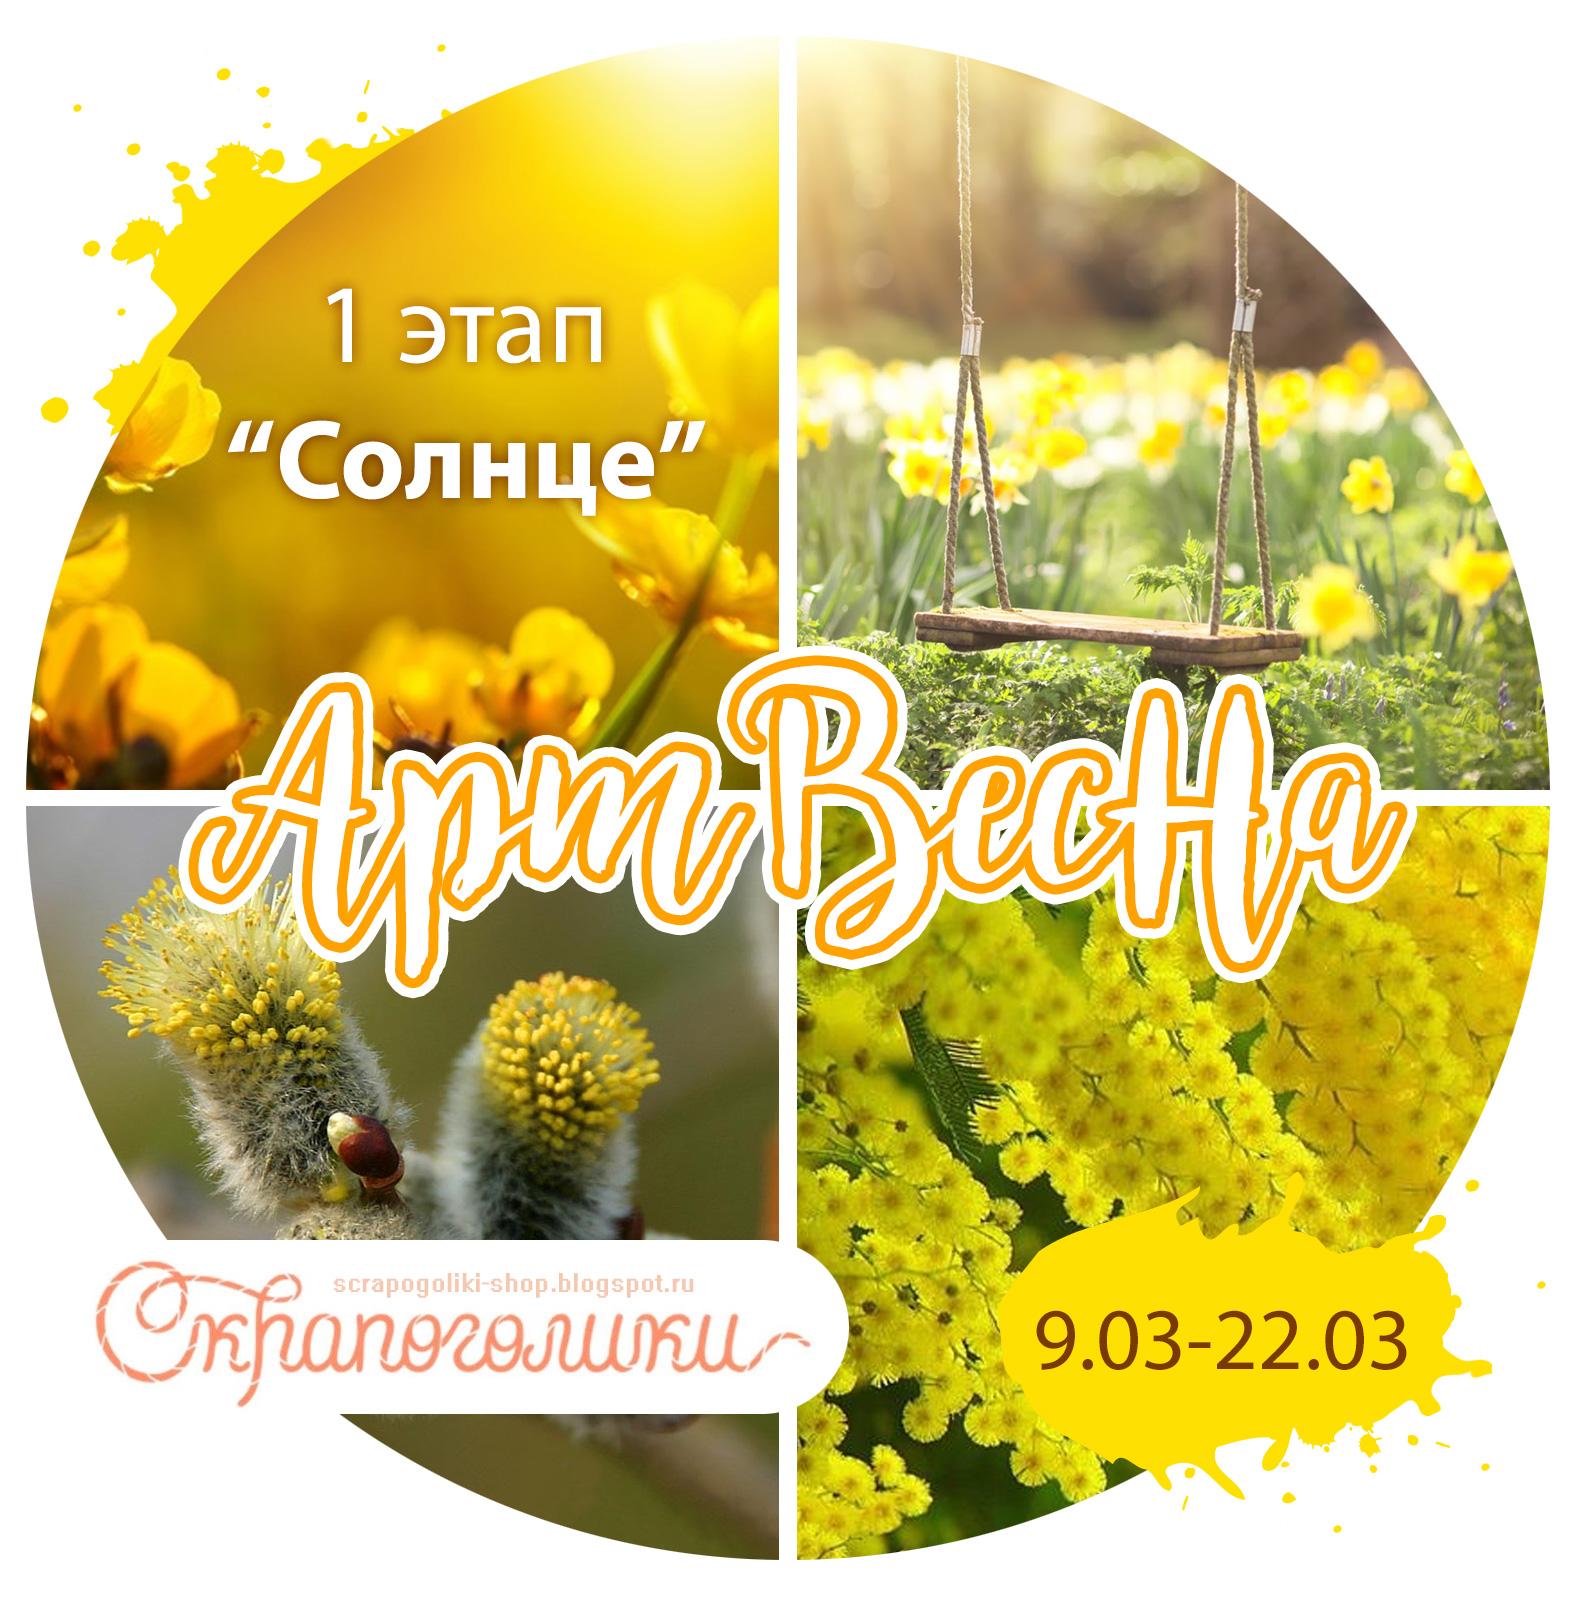 СП Арт Весна